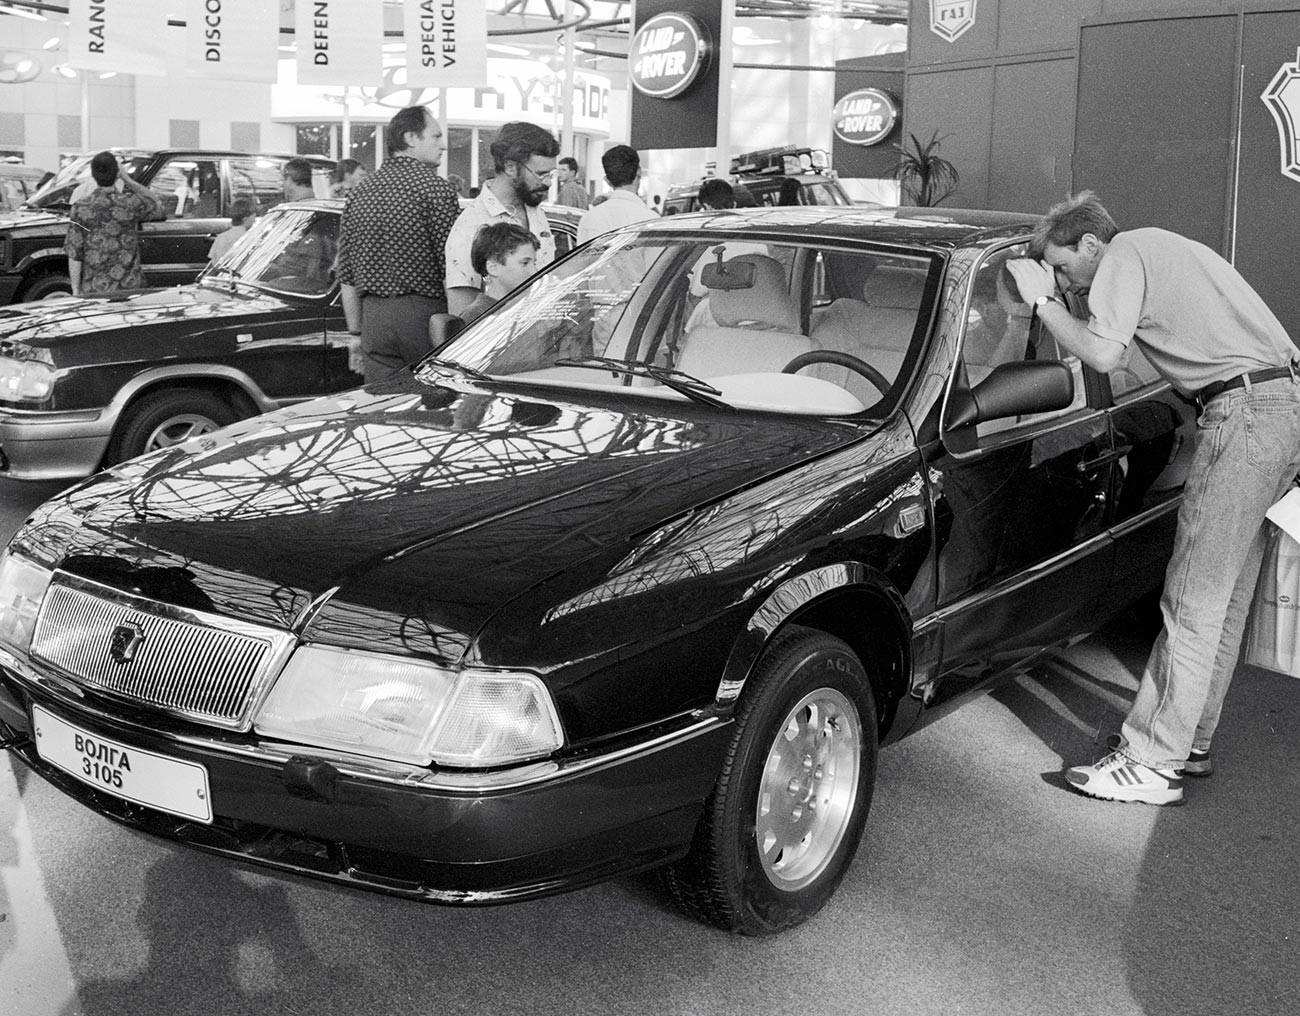 Besucher der Moskauer Internationalen Automobilausstellung 1995 inspizieren den Wolga GAZ 3105.